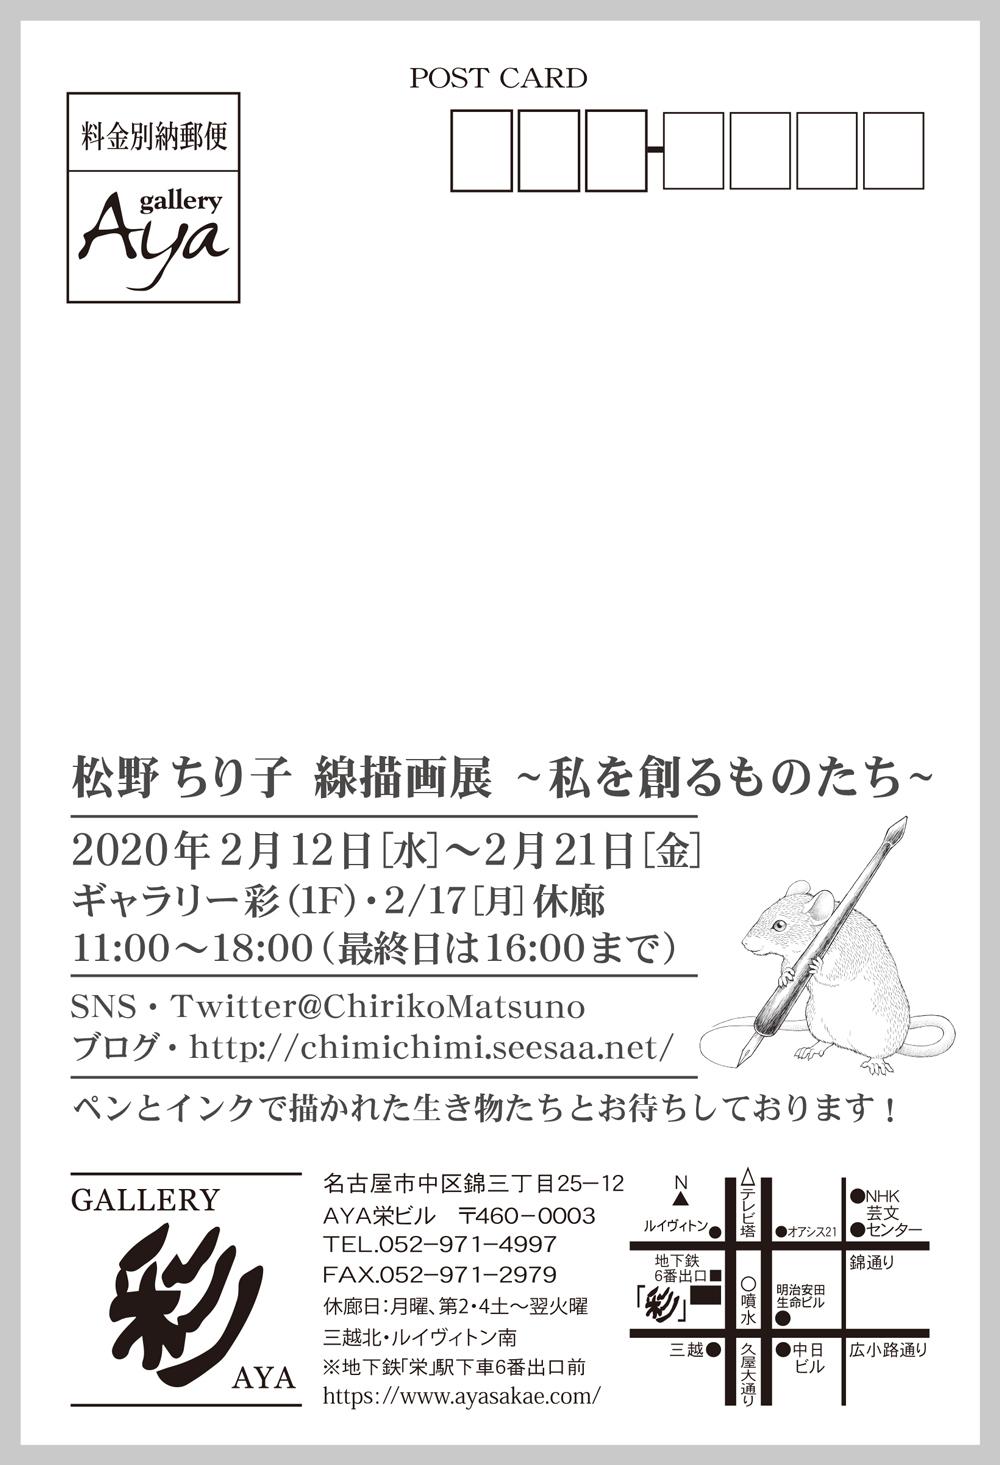 20DMr.jpg